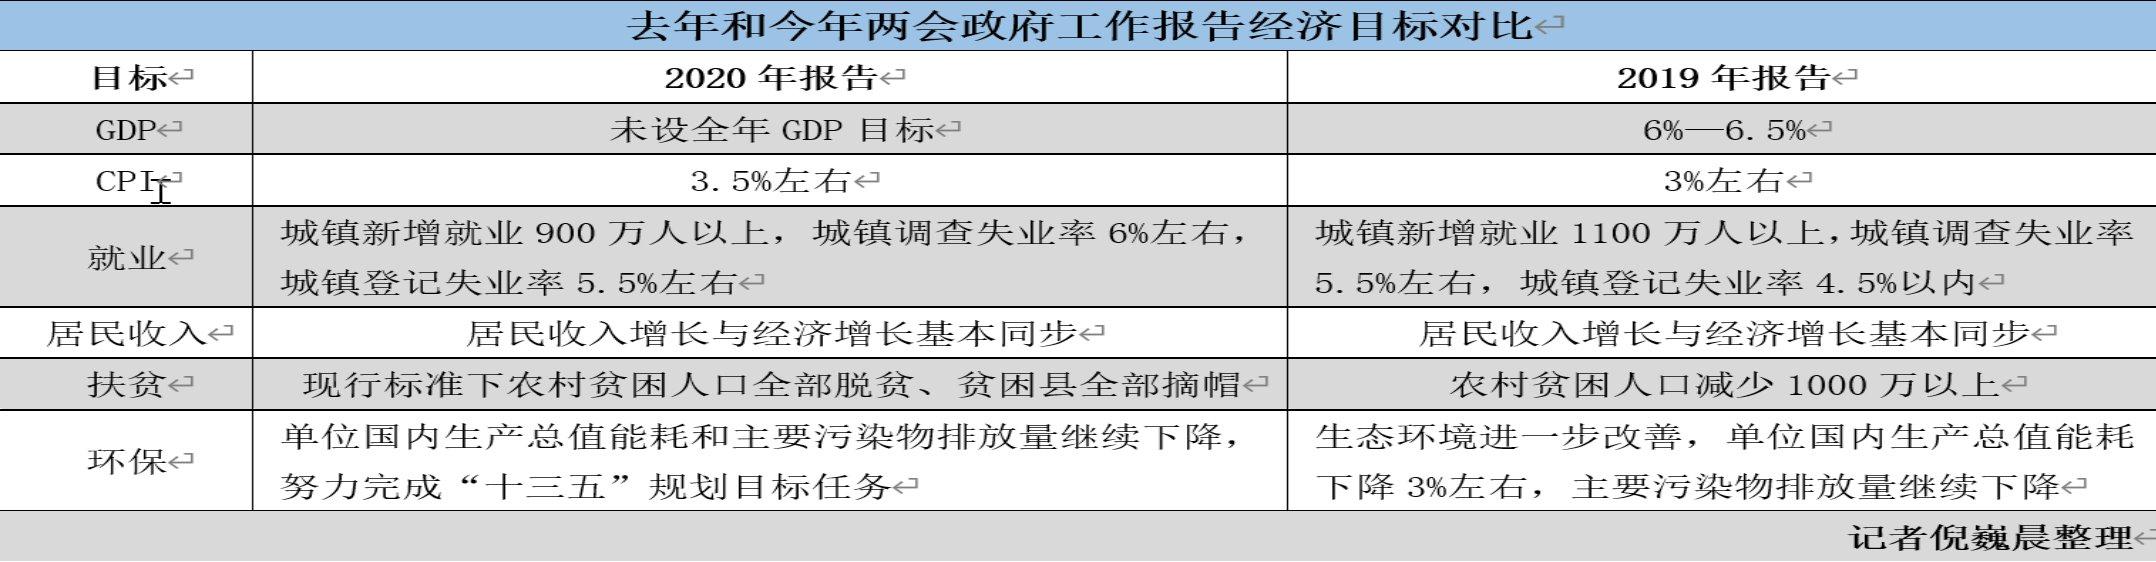 中一刀�叵鹿�未设今年GDP目标,专家:淡化GDP确保经济社会平稳发展